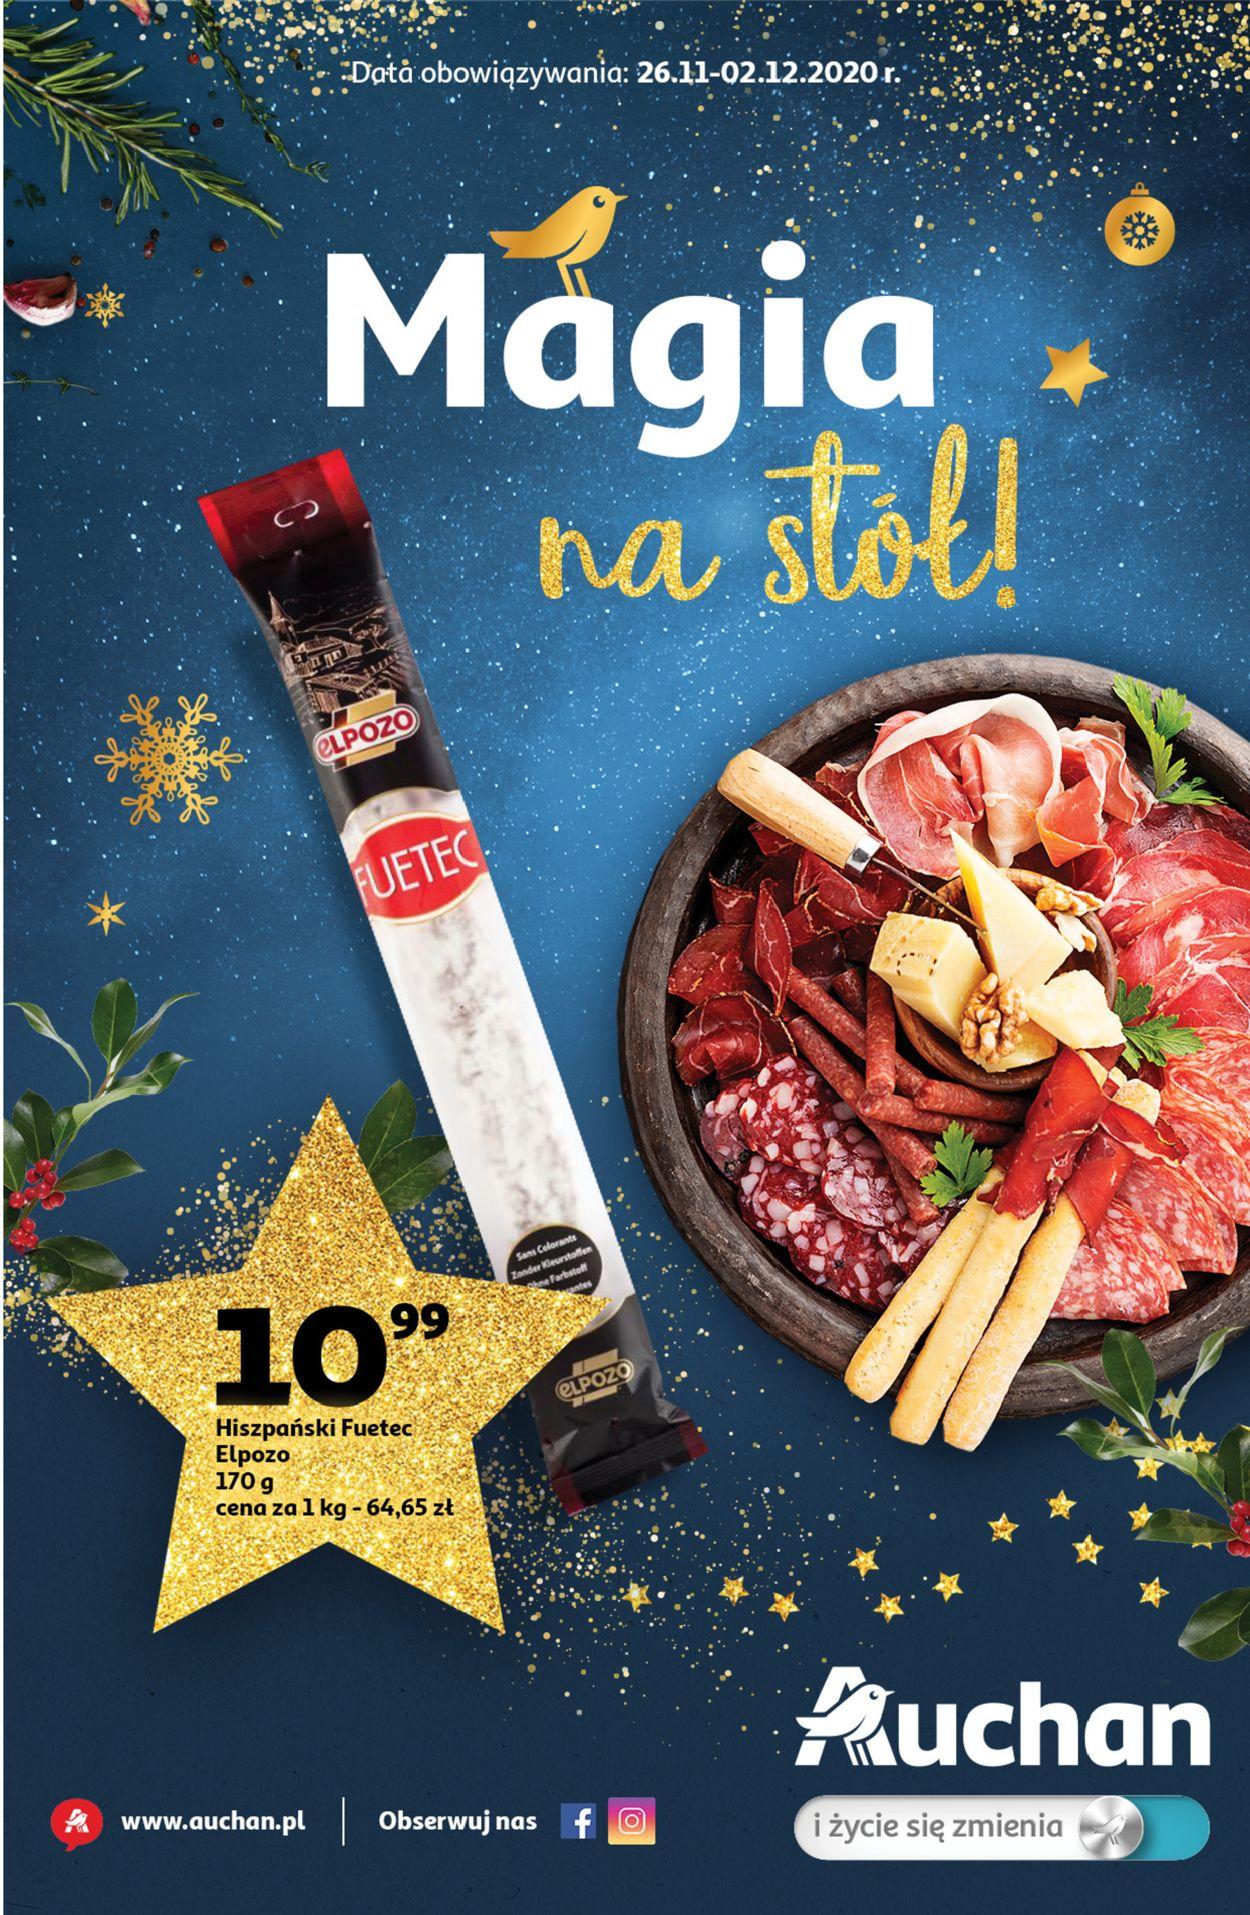 Gazetka promocyjna Auchan Gazetka Świąteczna 2020 - 26.11-02.12.2020